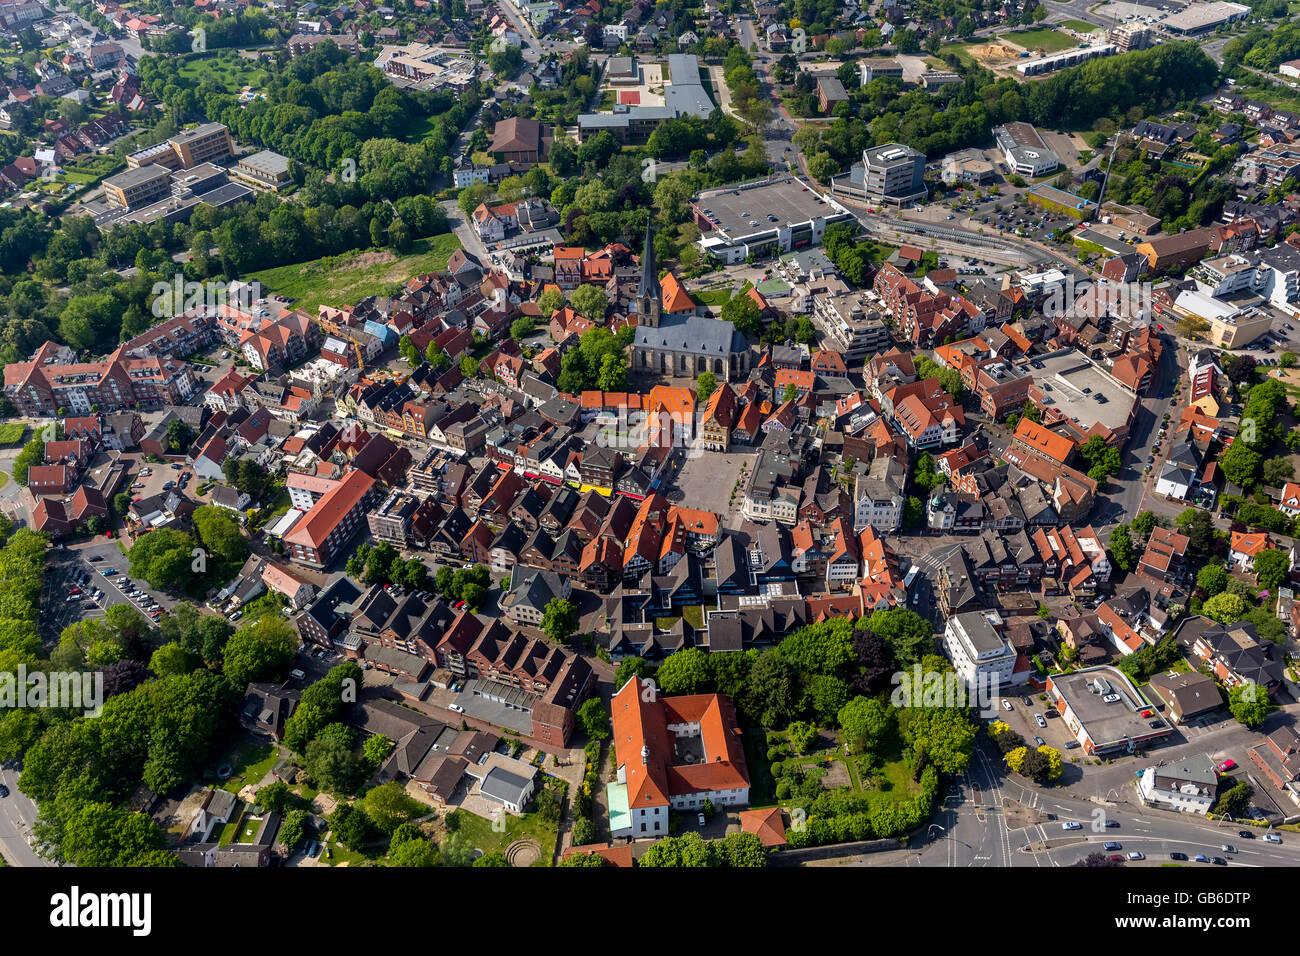 Aerial view, Werne downtown, Werne, Ruhr region, North Rhine Westphalia, Germany, Europe, Aerial view, birds-eyes - Stock Image